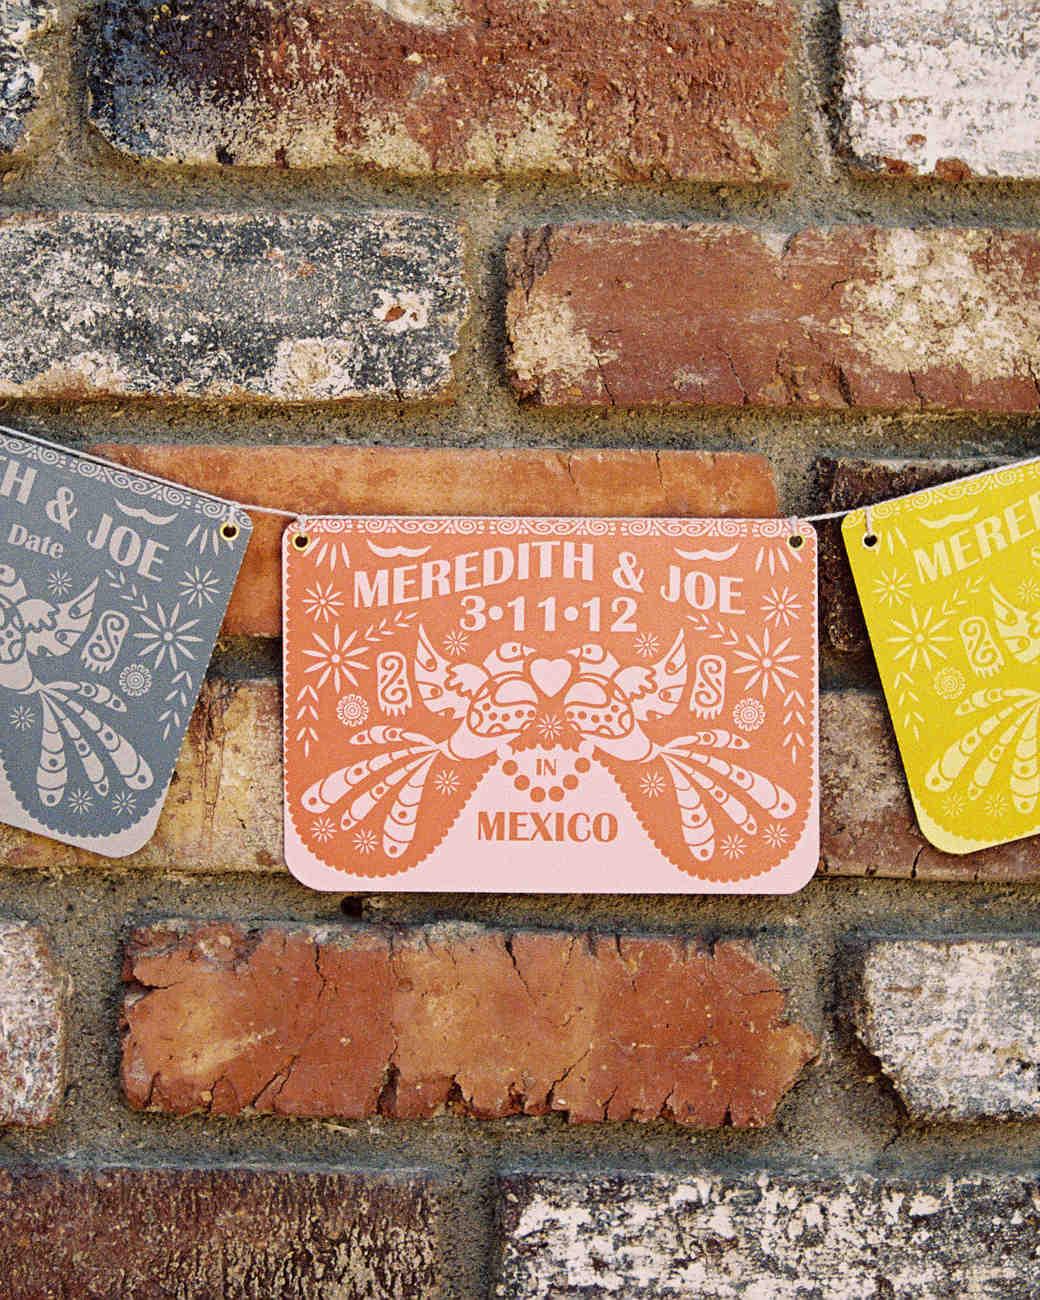 meredith-joe-signs-004095-r1-023-10-wds110277.jpg